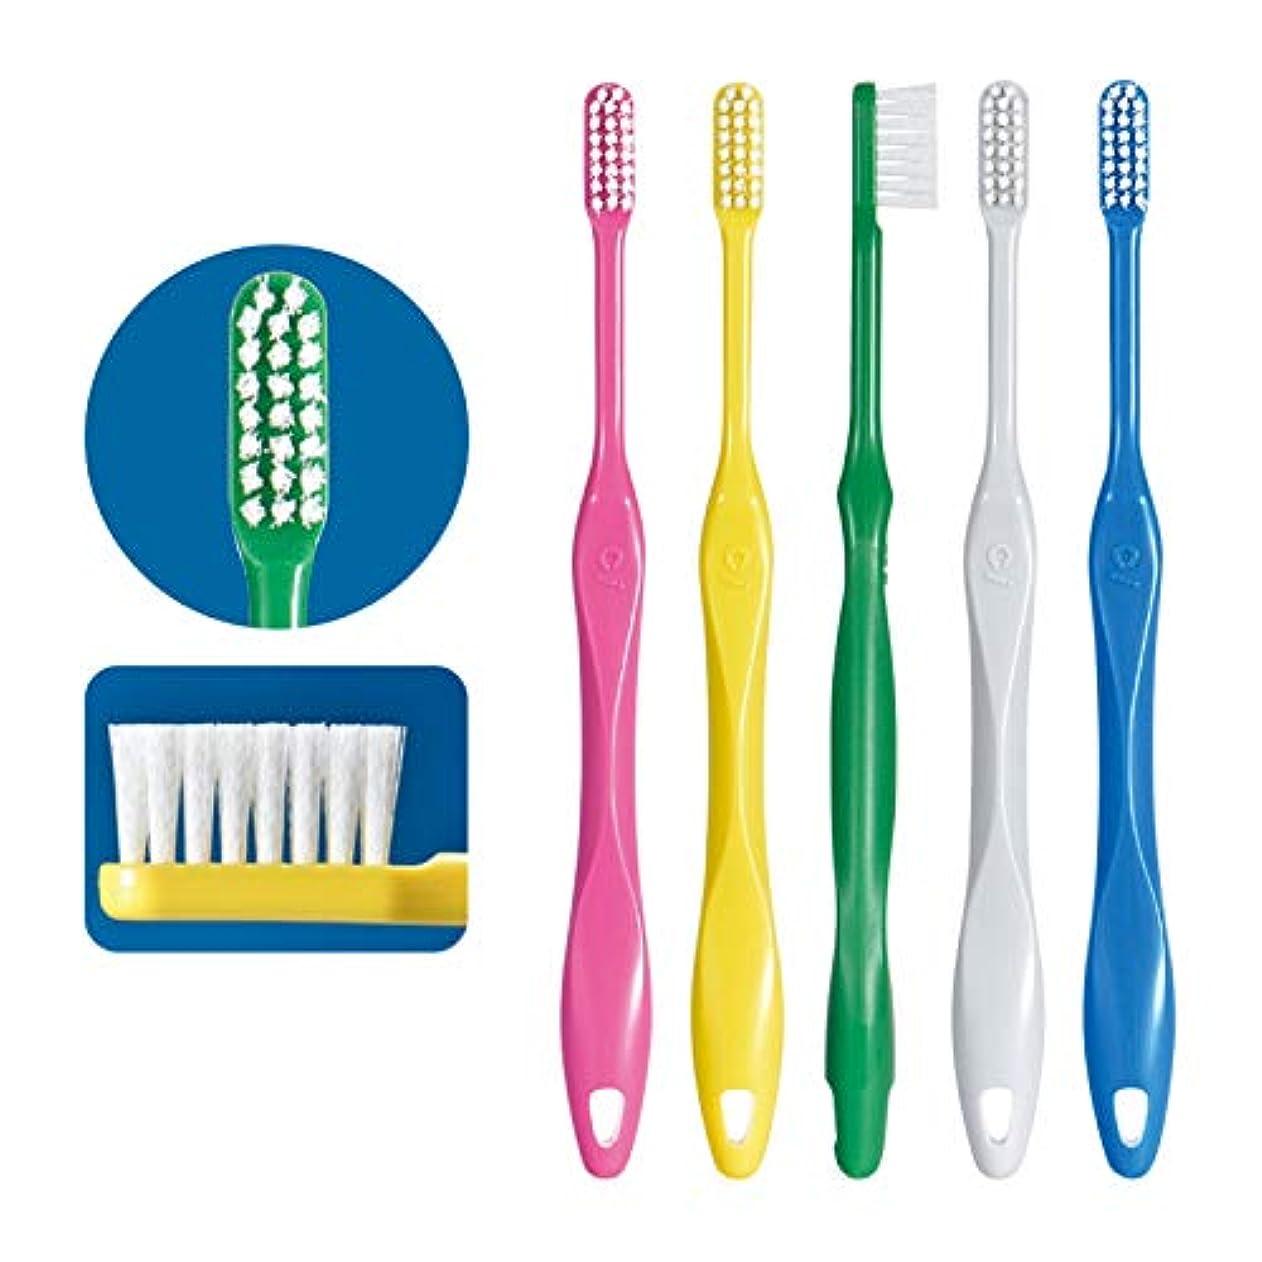 メリー独立したに沿ってCi スマート 歯ブラシ 20本 S(やわらかめ) 日本製 大人用歯ブラシ 歯科専売品